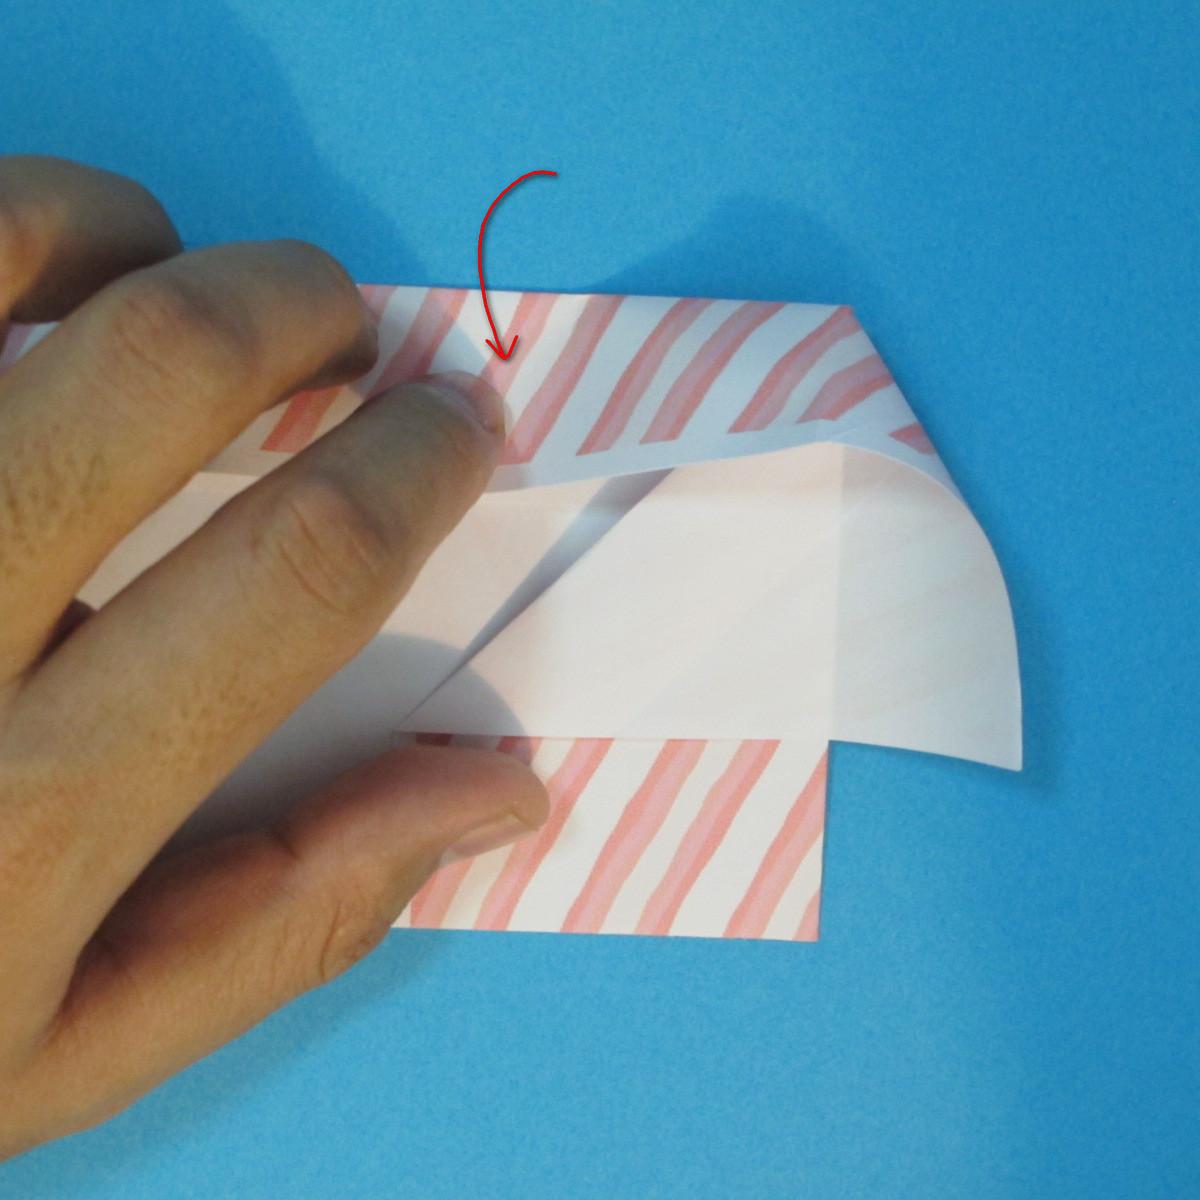 วิธีพับกล่องกระดาษรูปหัวใจส่วนฐานกล่อง 016